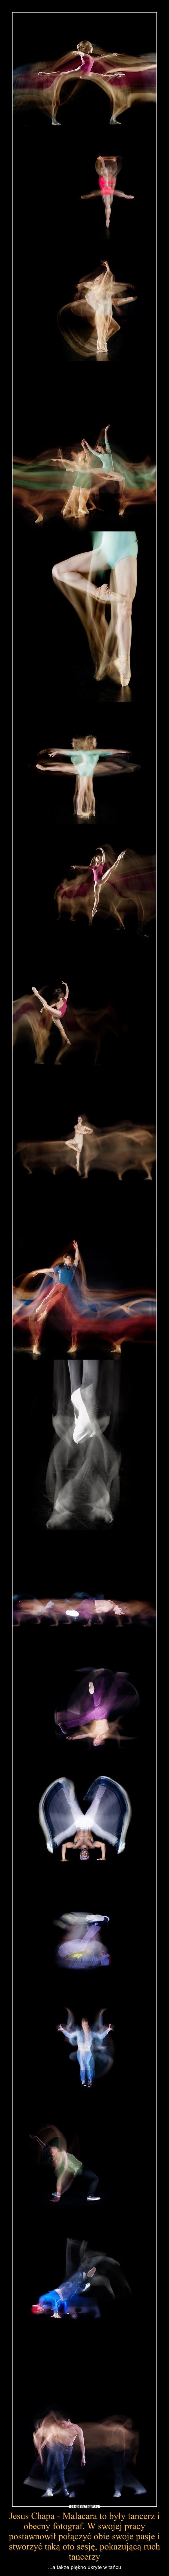 Jesus Chapa - Malacara to były tancerz i obecny fotograf. W swojej pracy postawnowił połączyć obie swoje pasje i stworzyć taką oto sesję, pokazującą ruch tancerzy – ...a także piękno ukryte w tańcu